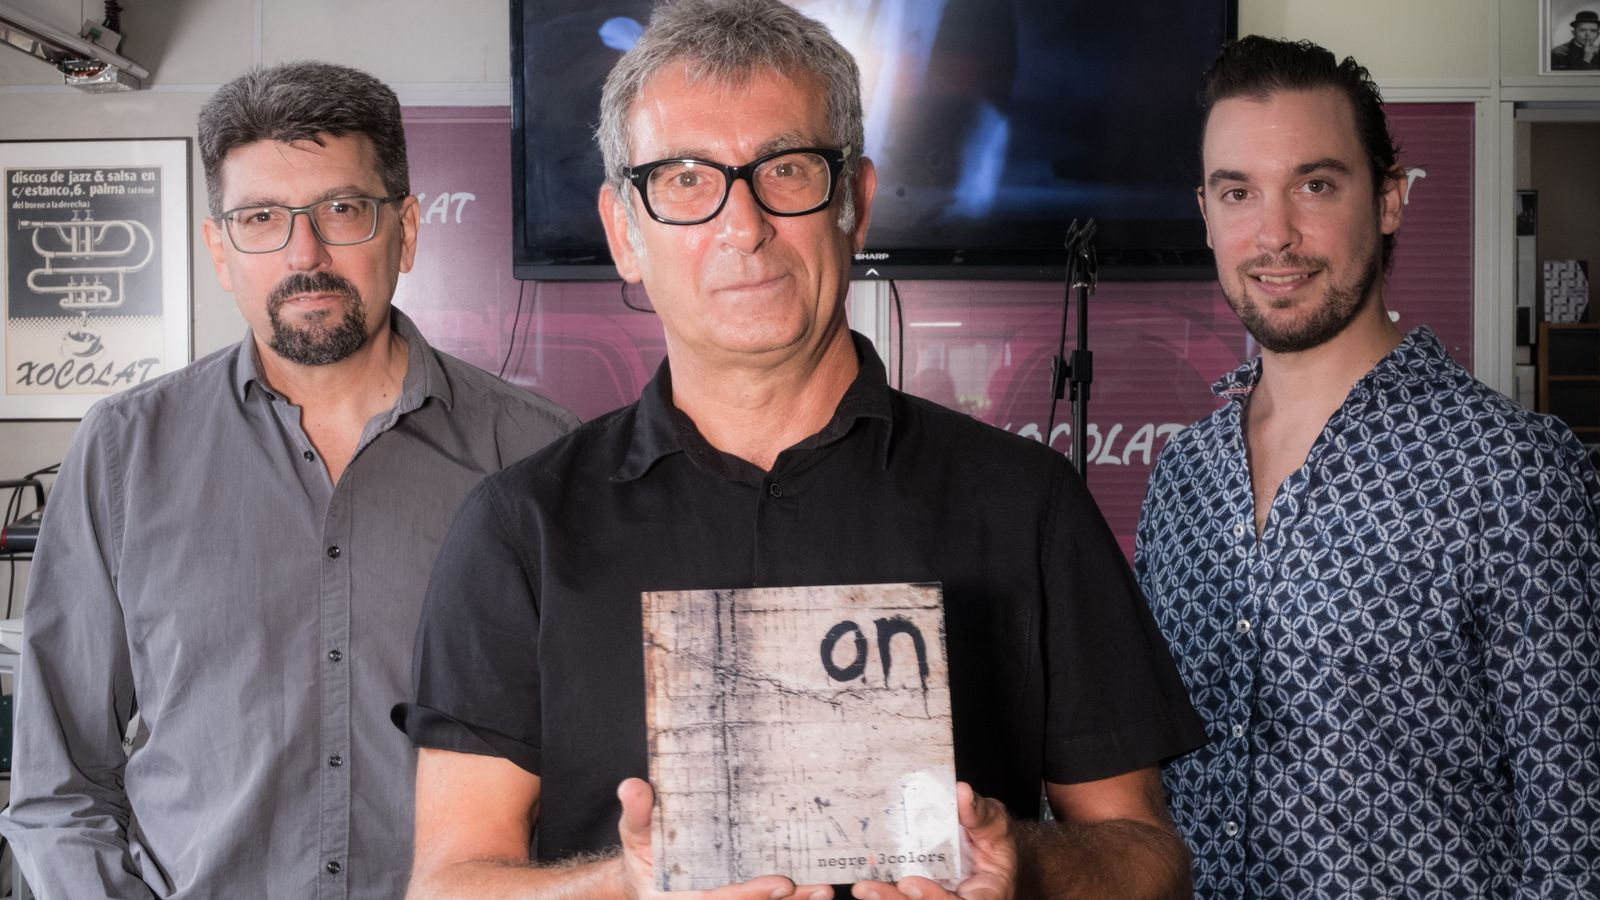 Jaume Bergas, Biel Fiol i Xavier Orestes, integrants de Negrei3colors